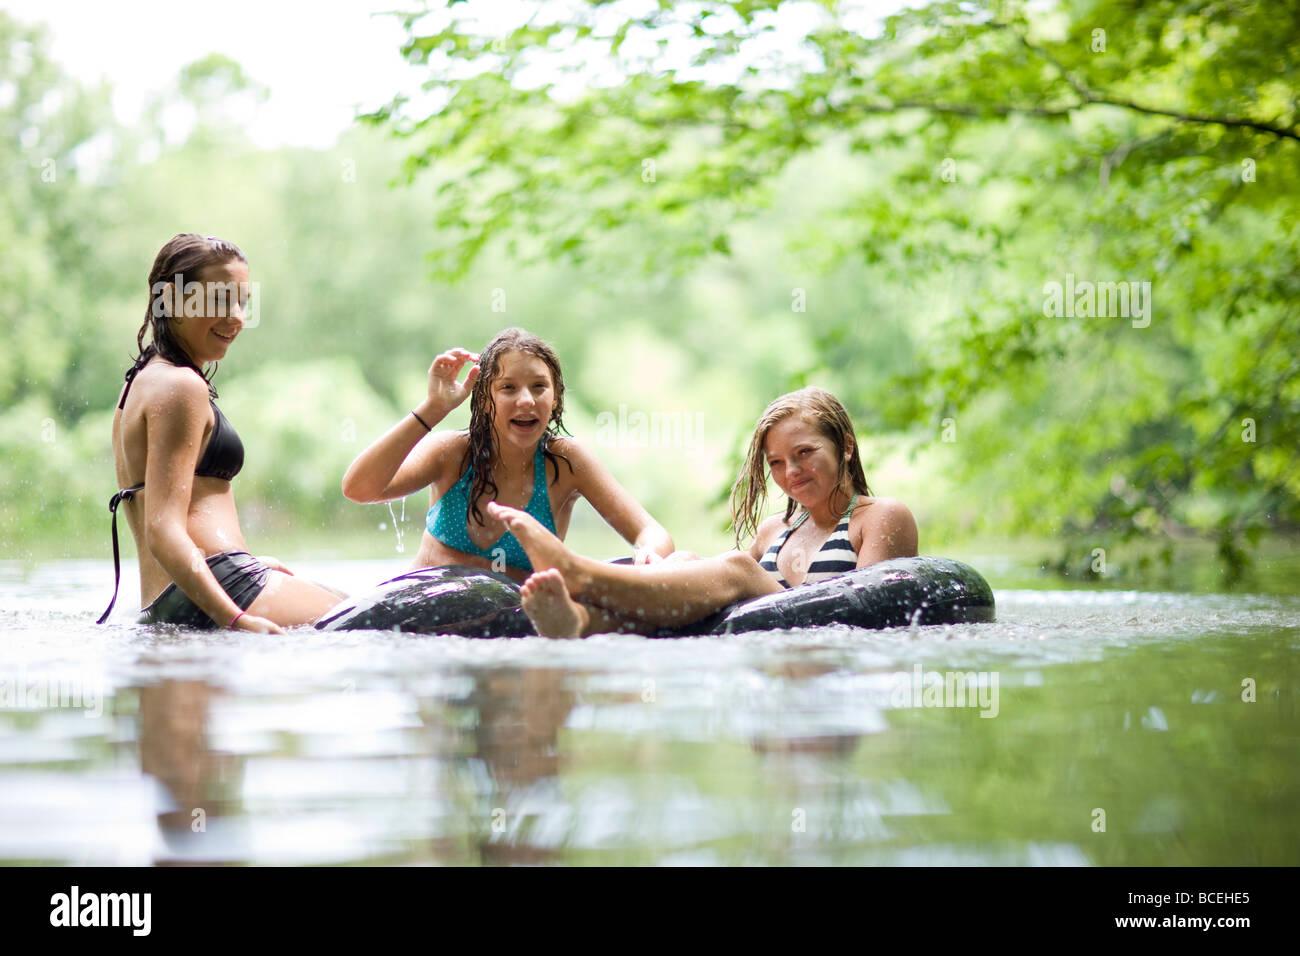 Les adolescents s'amusant dans innertubes dans l'eau Photo Stock